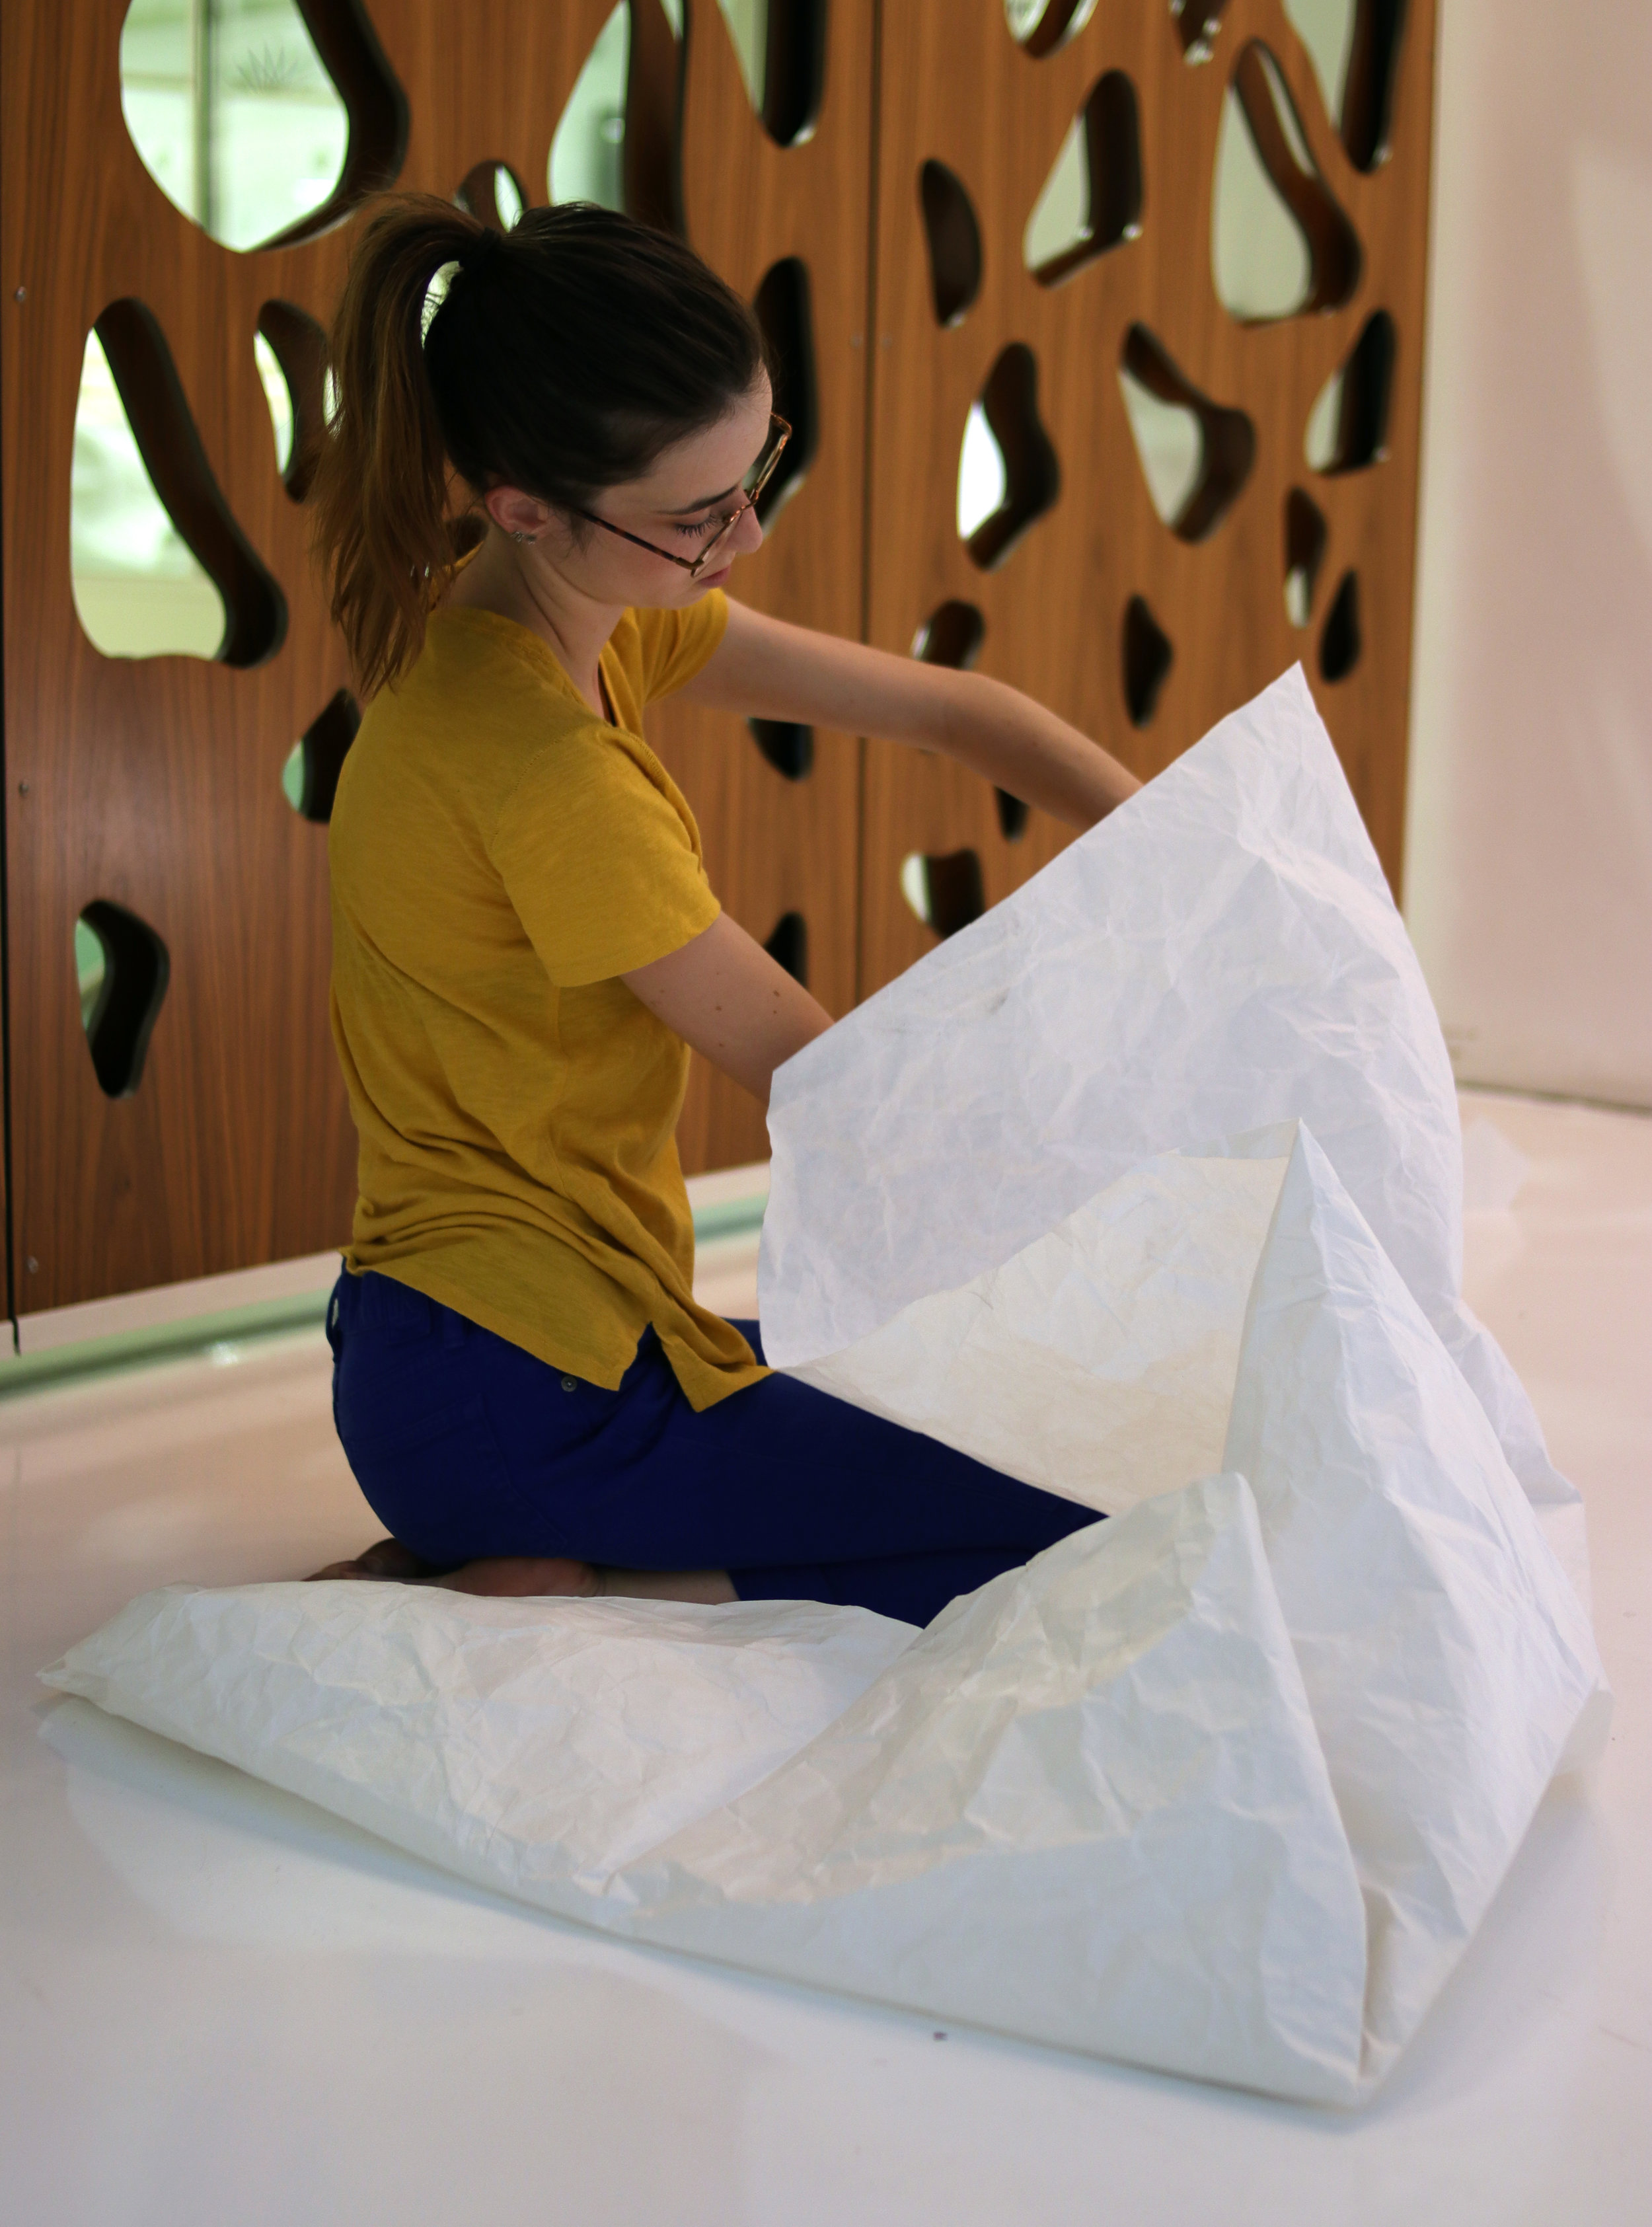 Folding, Unfolding, Refolding